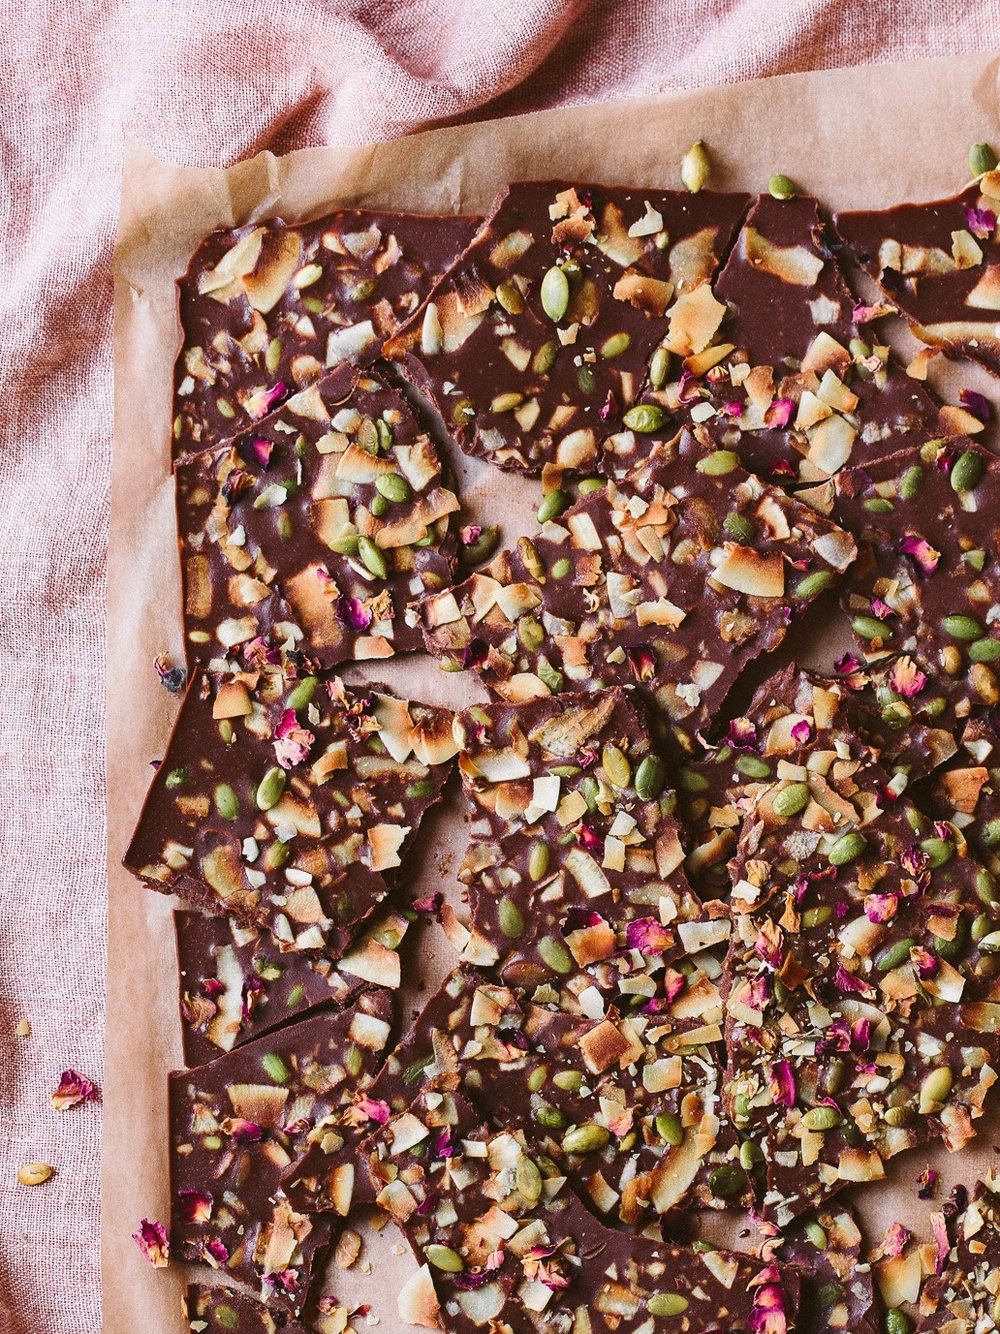 Chai_Spiced_Chocolate_Bark2_by_Jordan_Pie_Nutritionist_Photographer-1.jpg